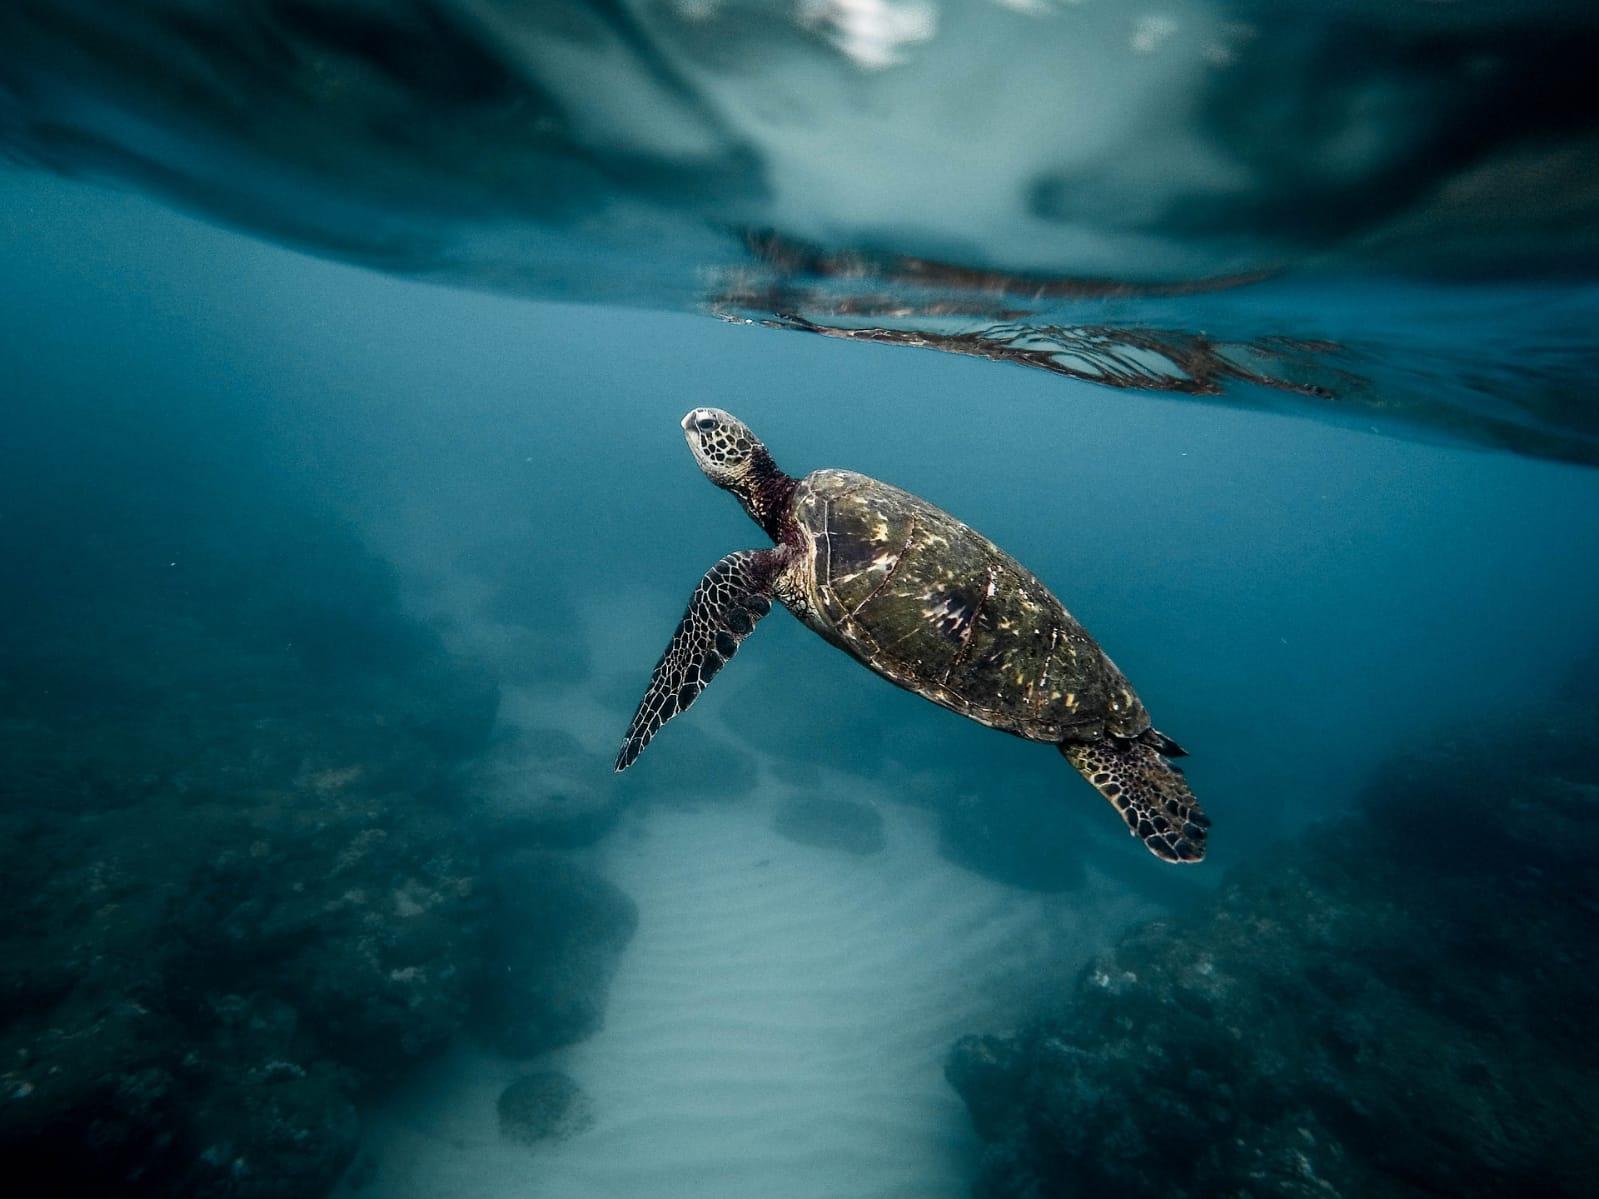 Liberación de tortugas en el Pacífico imagen